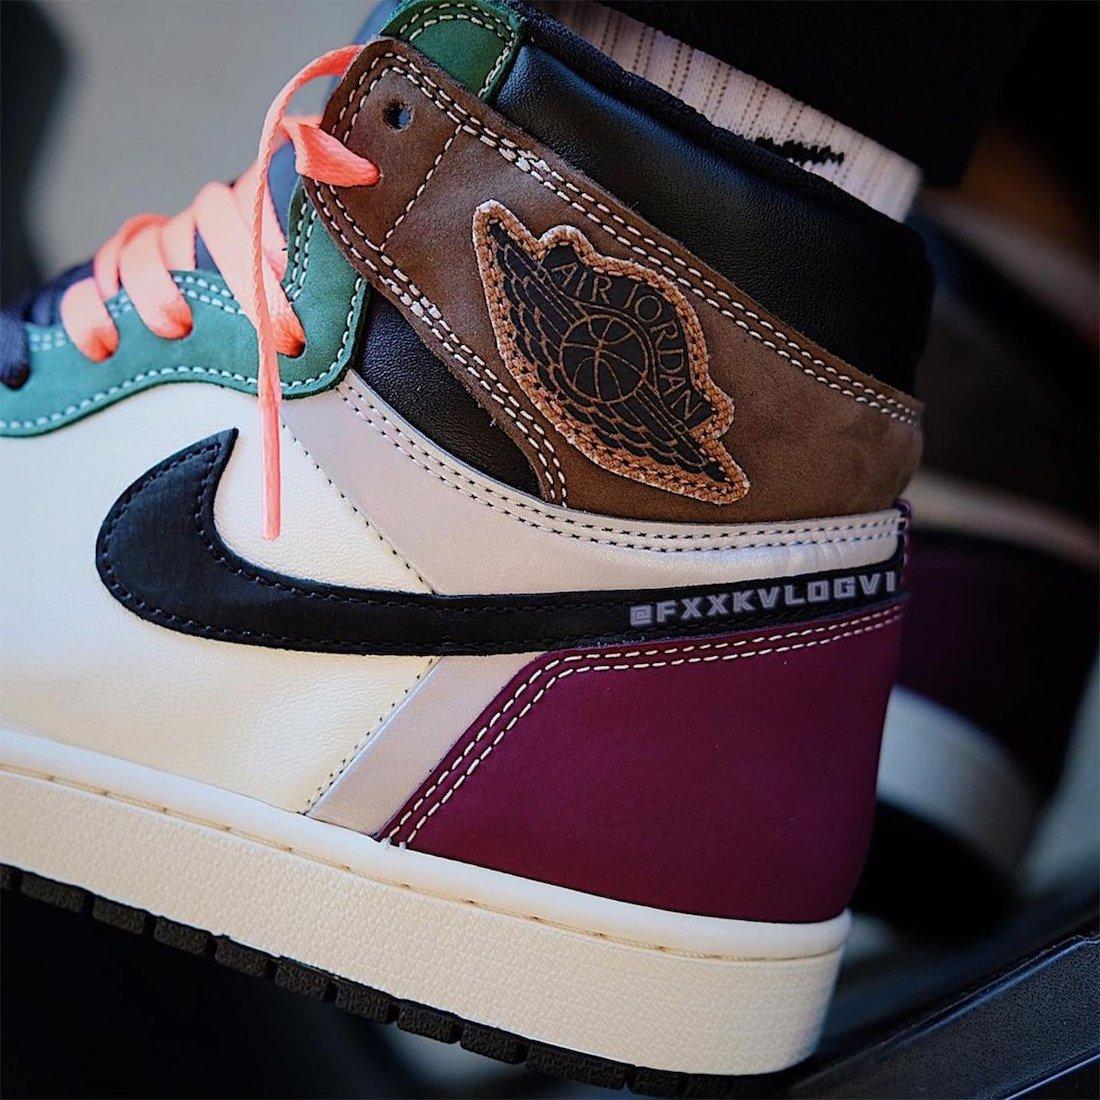 """ナイキ エア ジョーダン 1 ハイ OG """"ハンドクラフティッド"""" Nike-Air-Jordan-1-High-OG-Hand-Crafted-DH3097-001-look-3"""